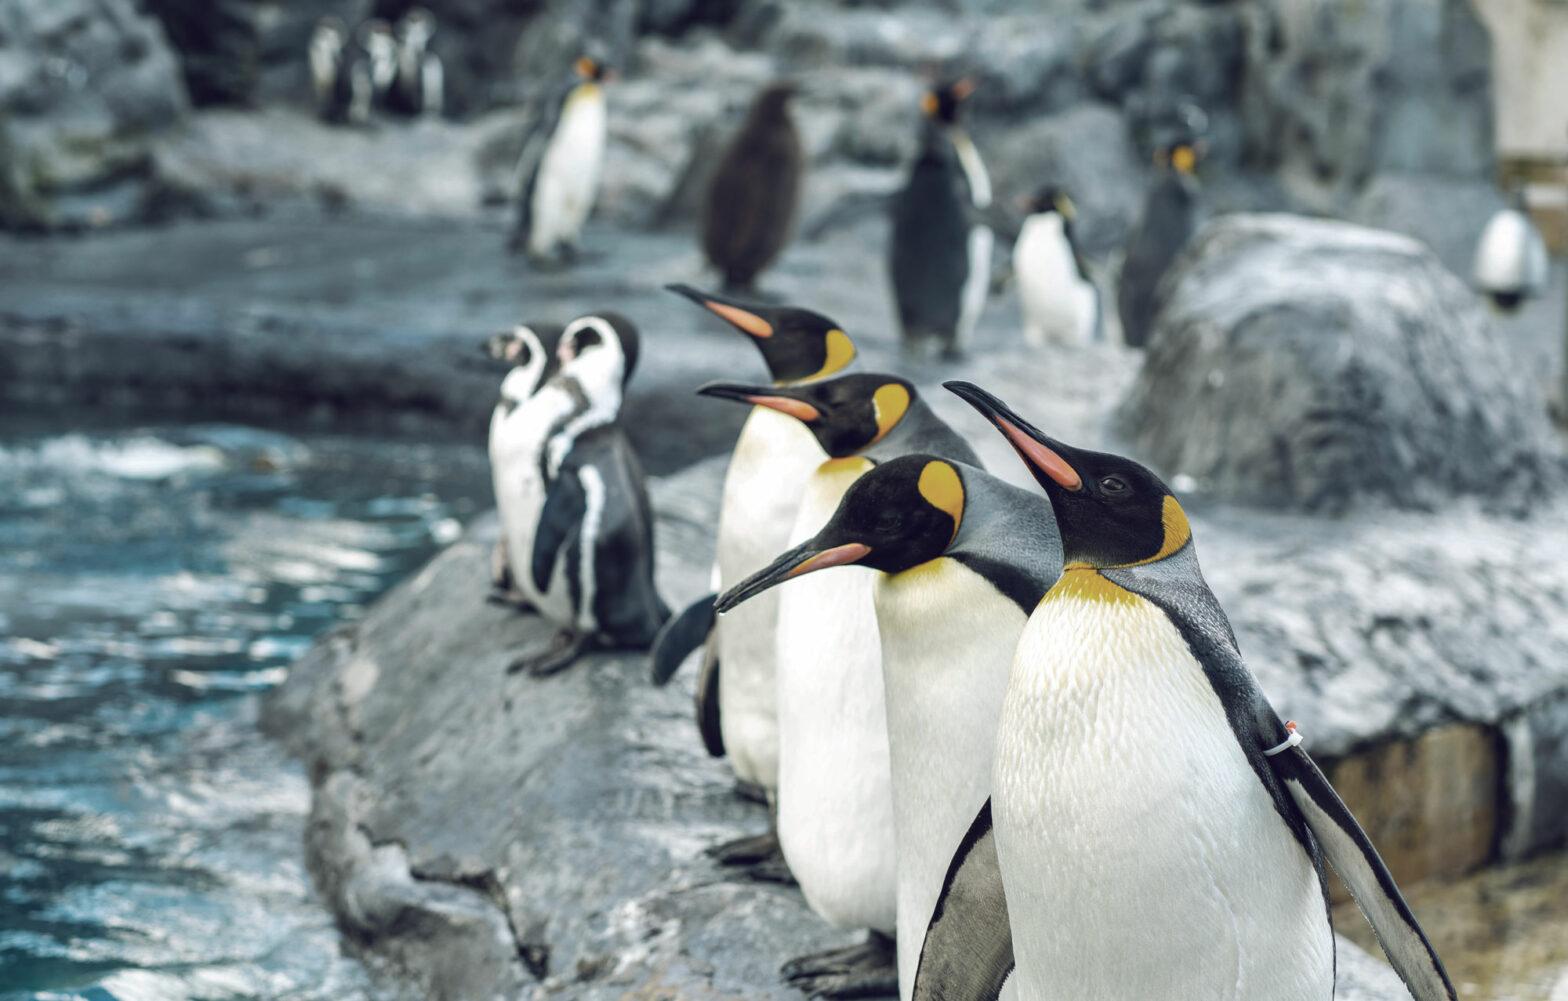 4-penguin-problem-business